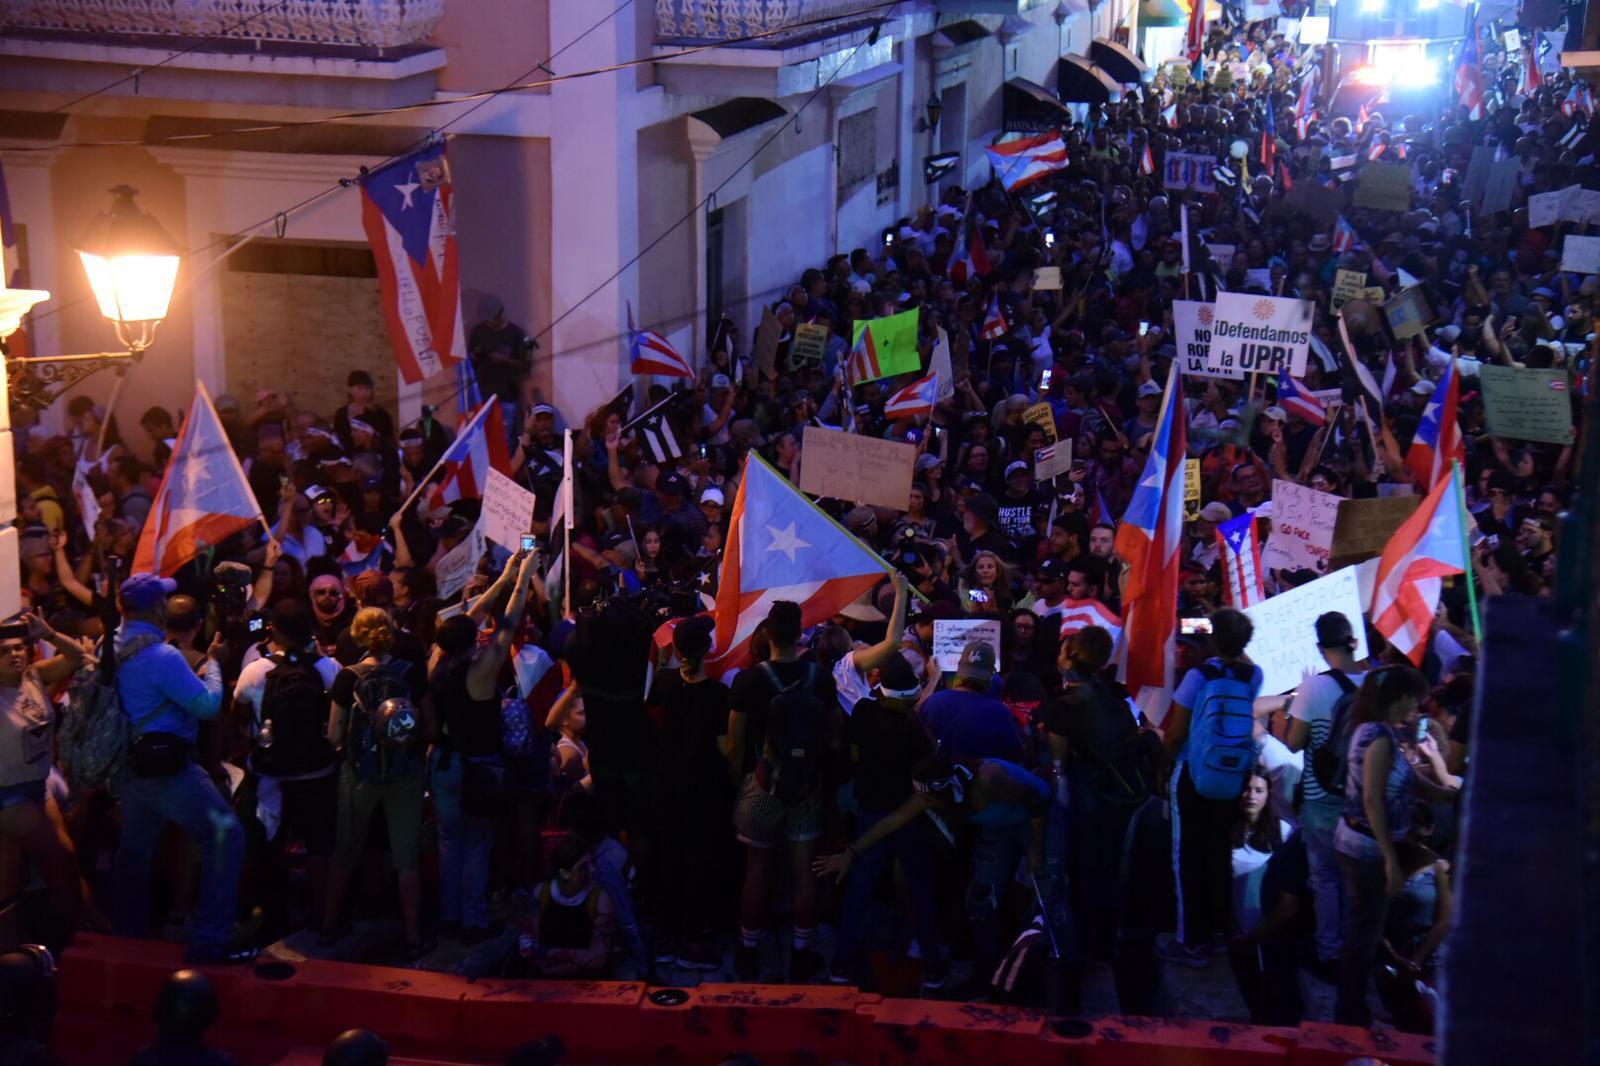 Séptimo día de manifestaciones en La Fortaleza